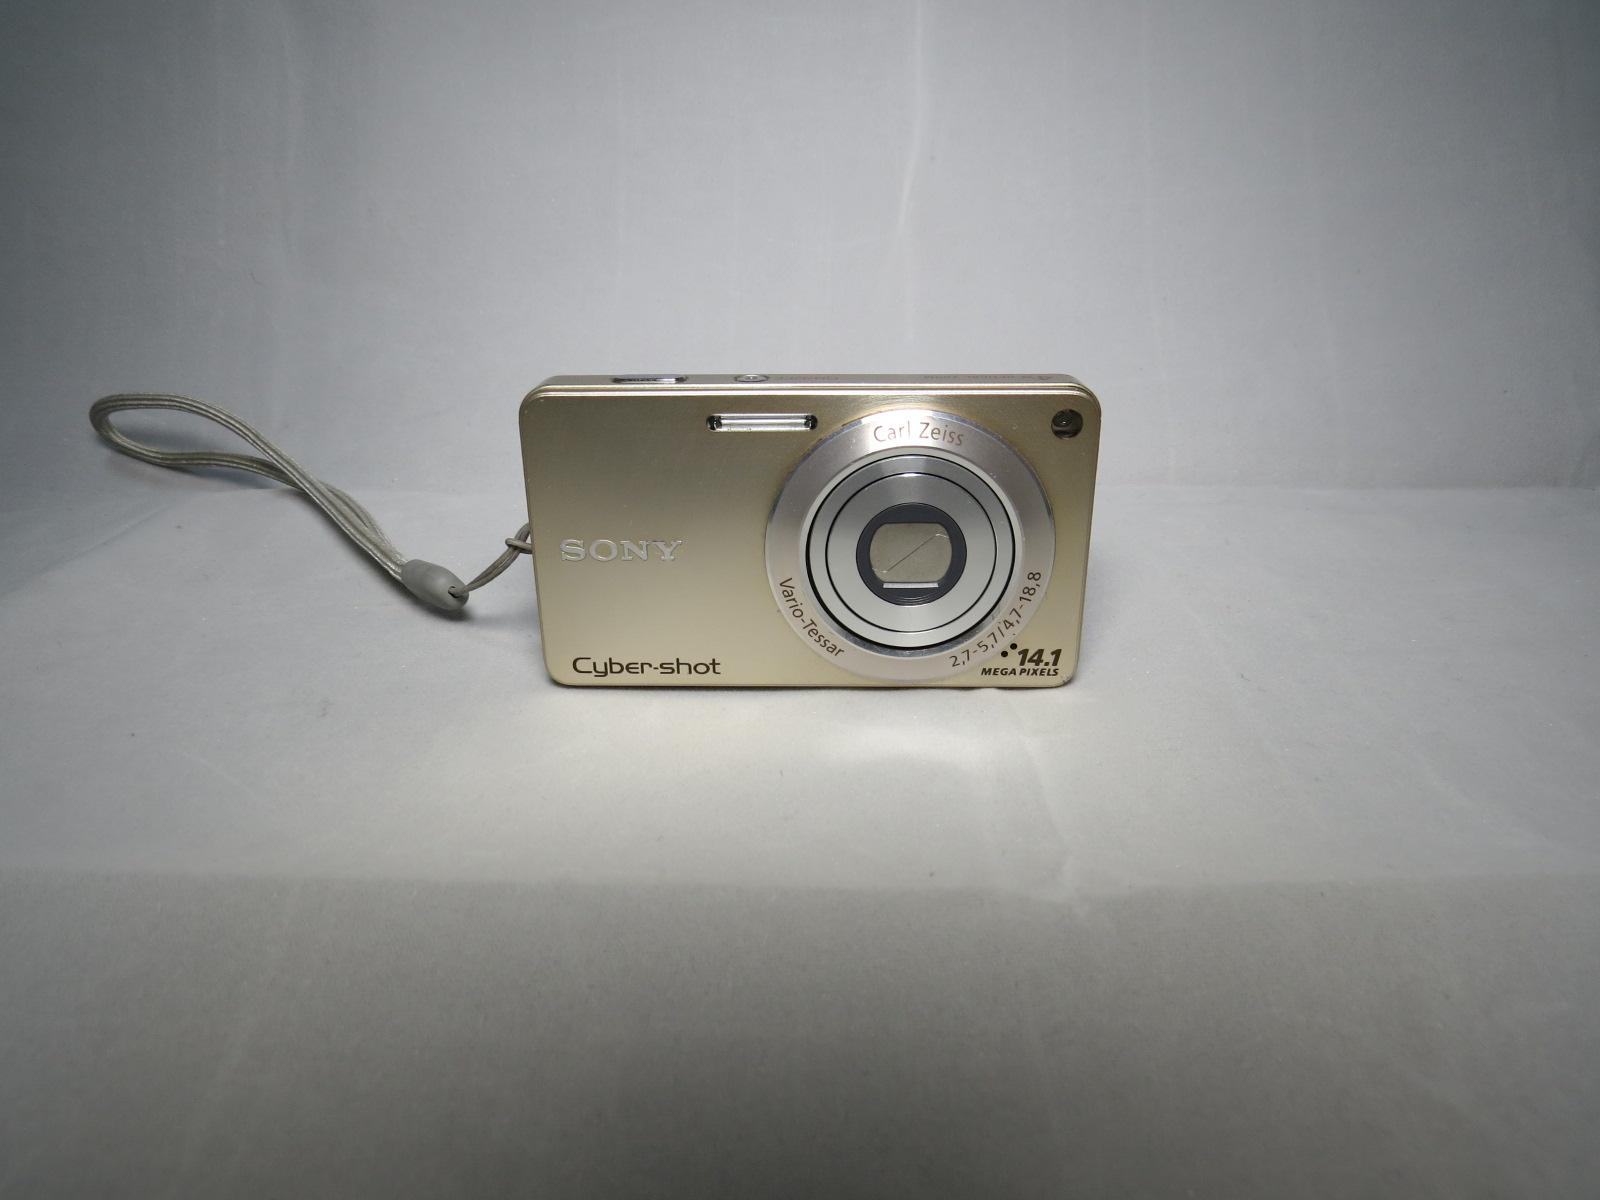 挙動不審なデジカメ(Sony DSC-W350)ゲット